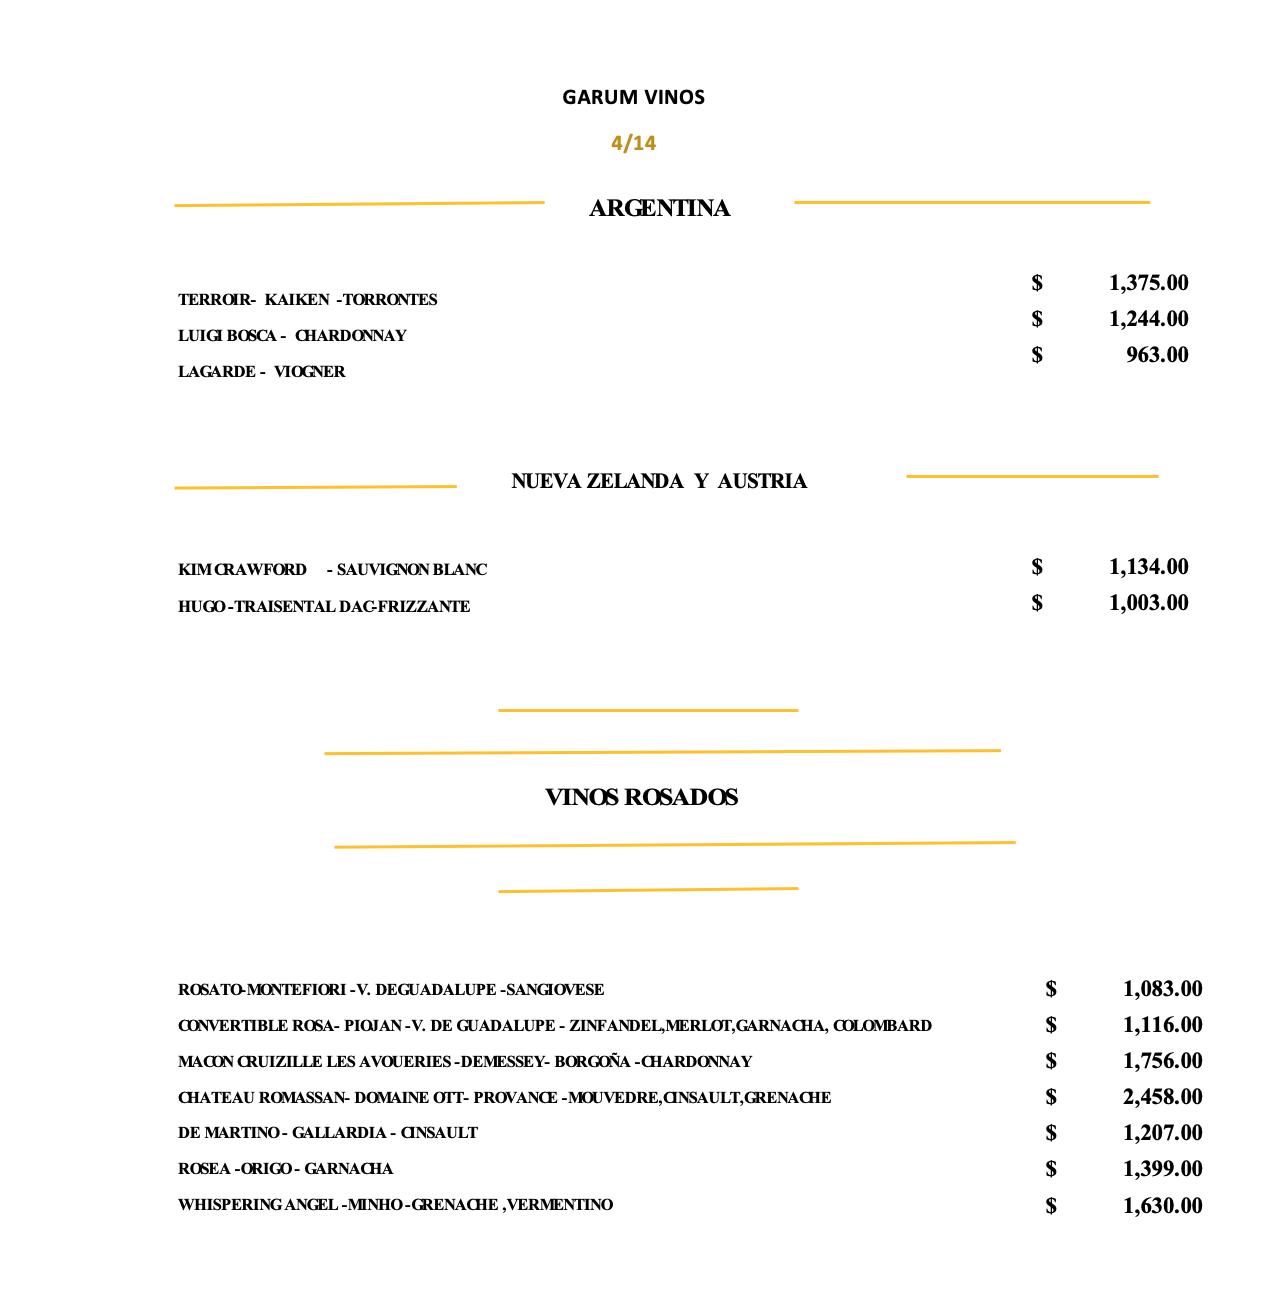 Captura de Pantalla 2020-09-24 a la(s) 16.53.26